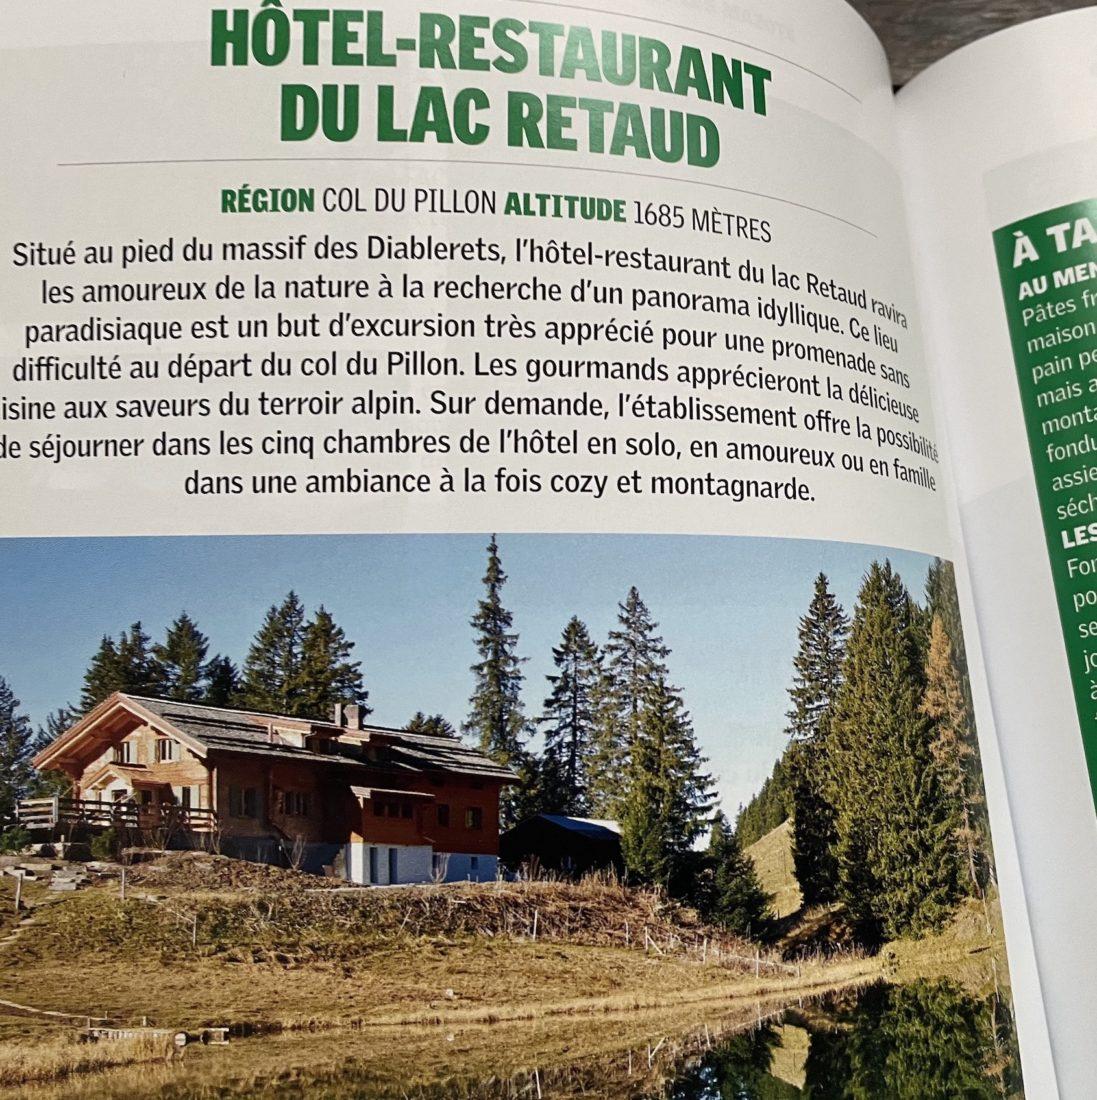 Buvettes et auberges Suisse romande Lac Retaud